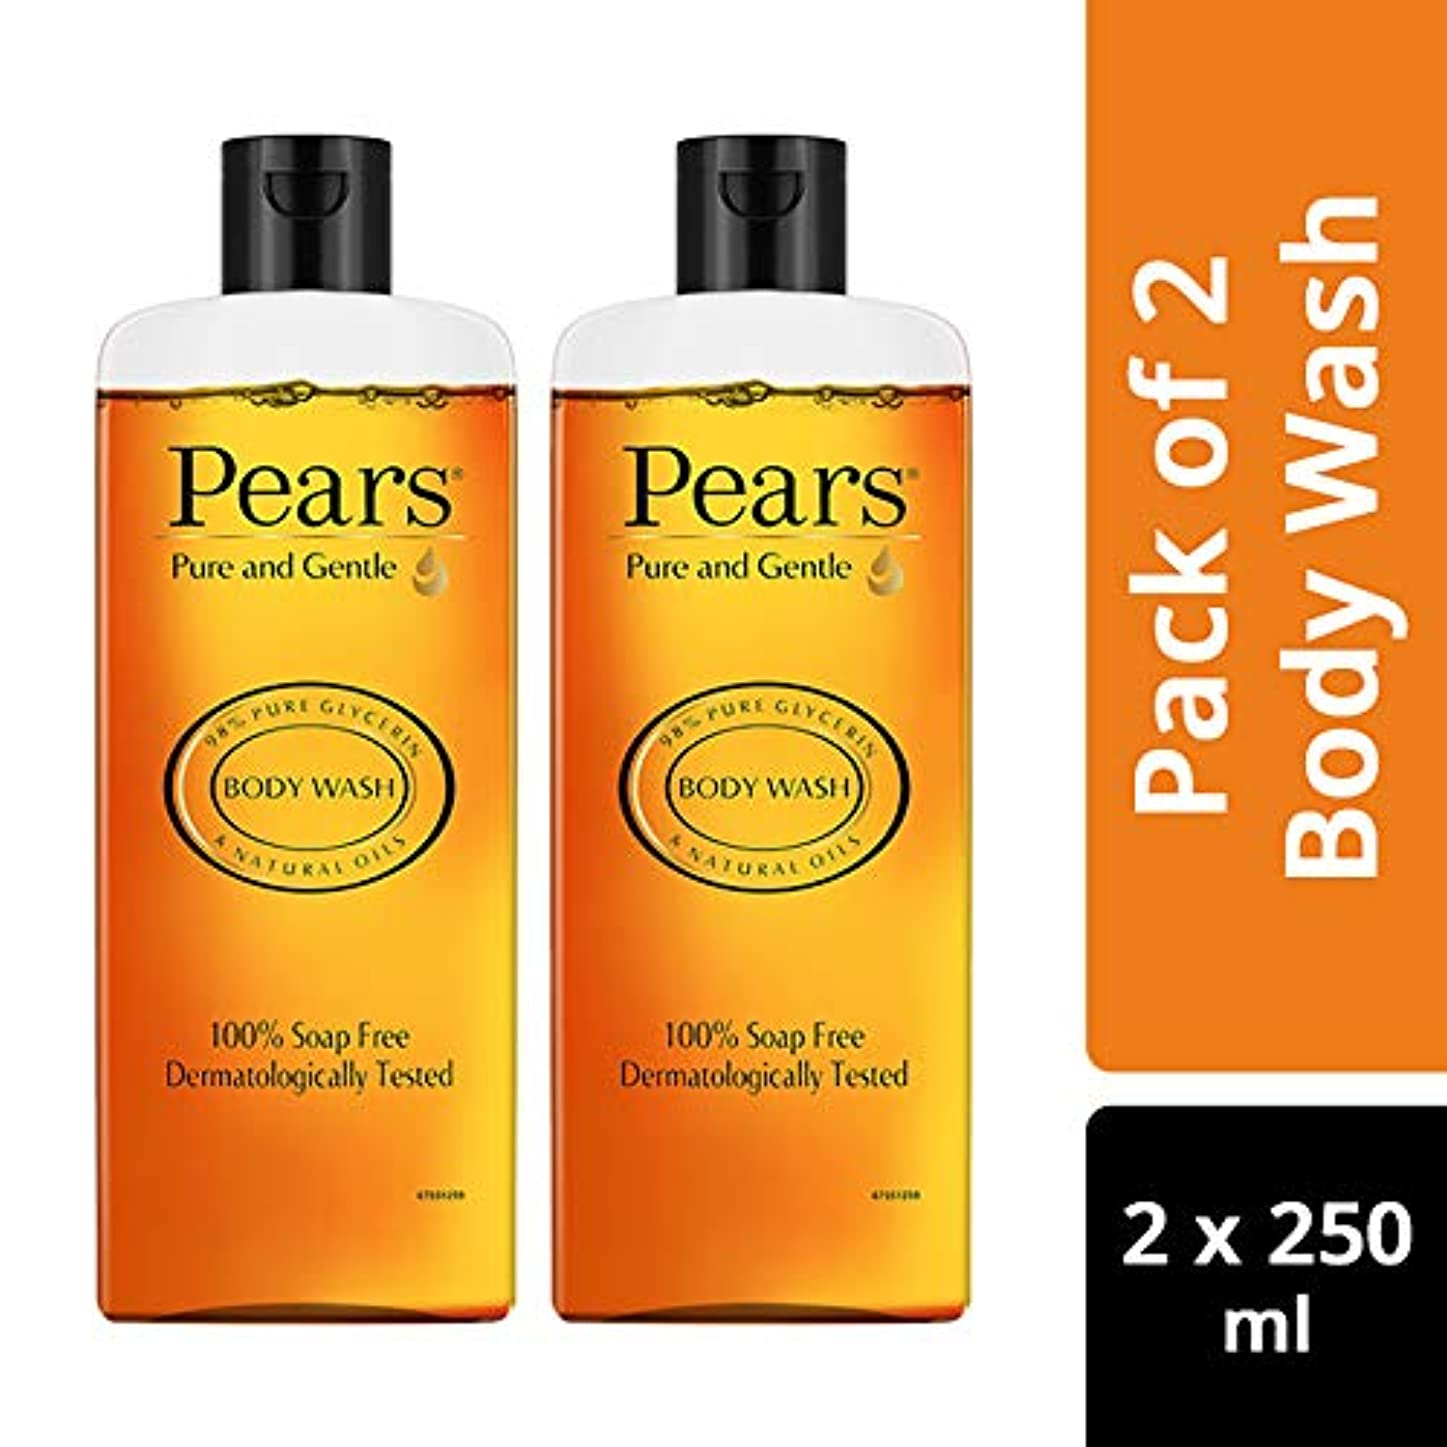 アナログに対して有効化Pears Pure And Gentle Body Wash, 250ml (Pack Of 2)